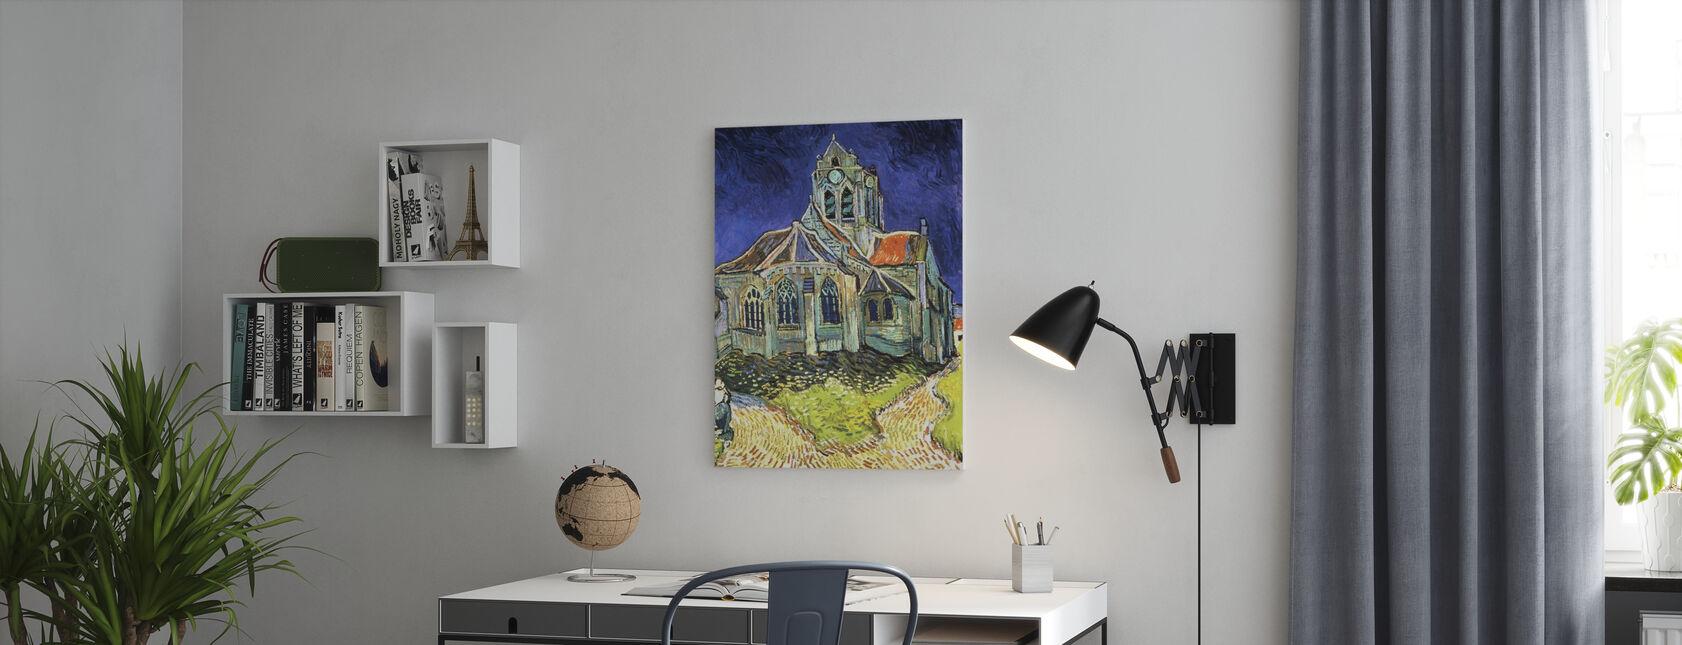 Église à Auvers-sur-Oise - Vincent van Gogh - Impression sur toile - Bureau